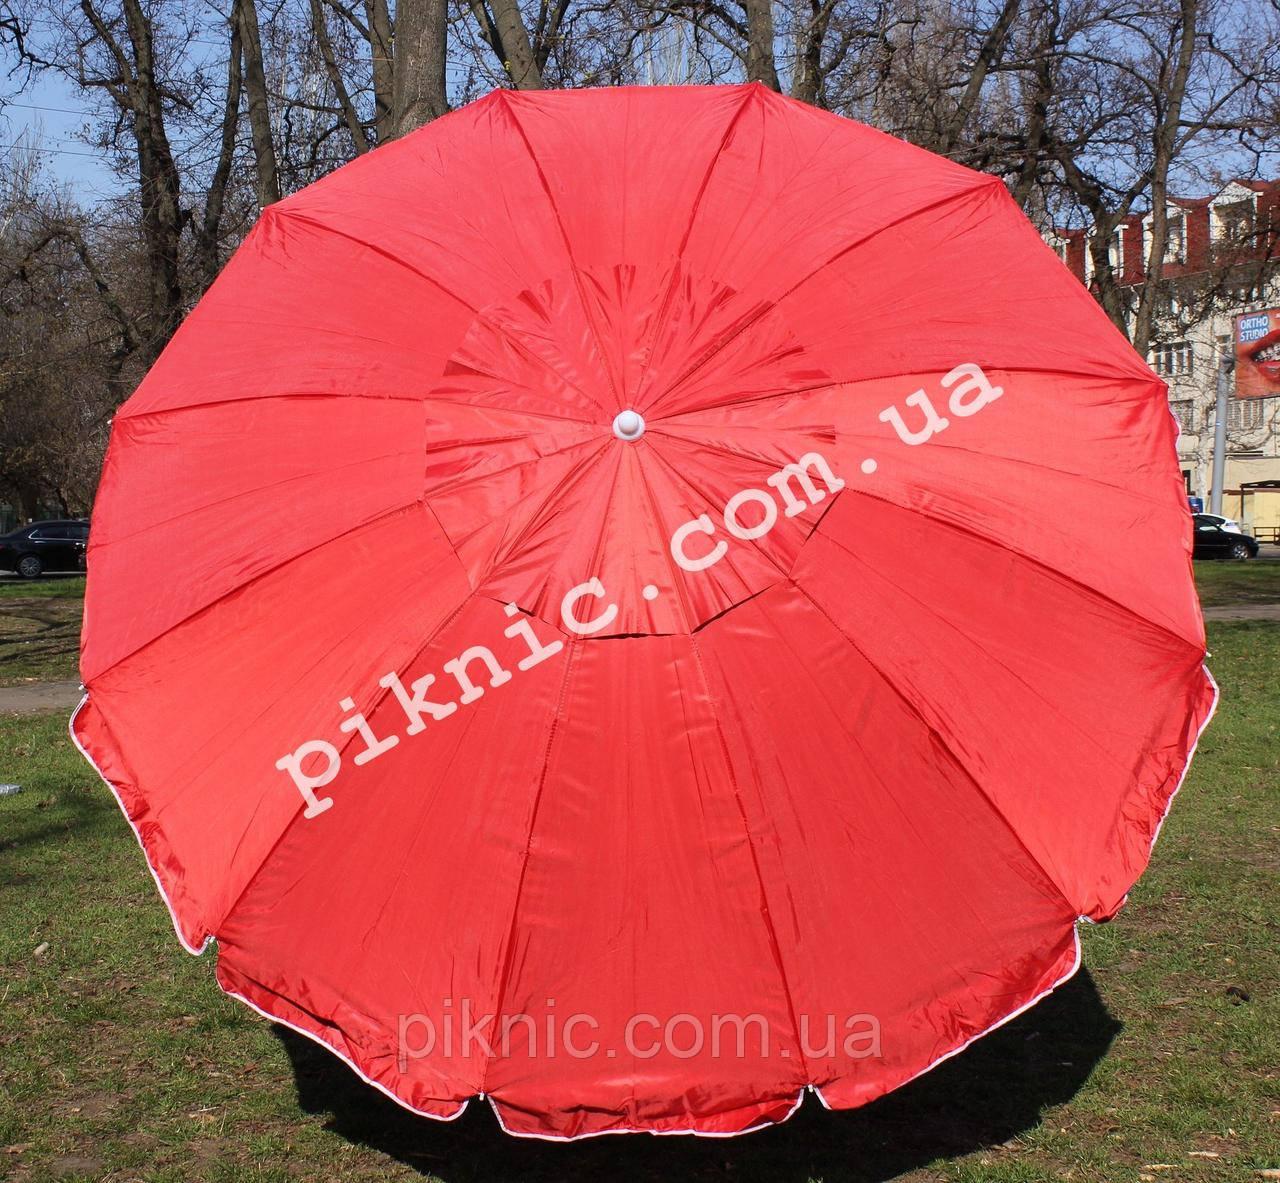 Зонт торговый 2,8м с клапаном 12 спиц круглый. Усиленный для торговли на улице, садовый Красный!